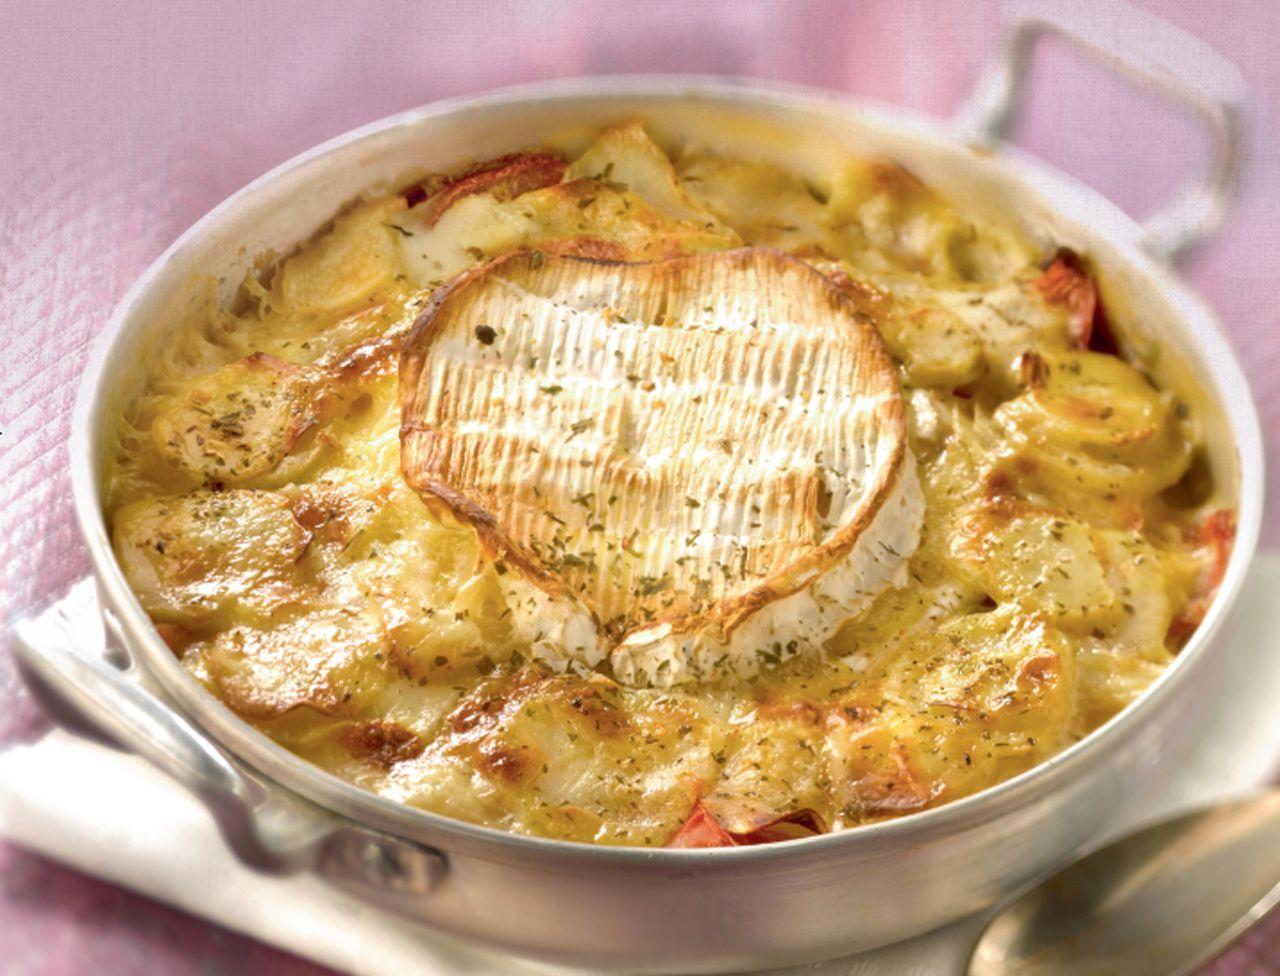 Gratin normand : découvrez les recettes de cuisine de Femme Actuelle Le MAG #recettesdecuisine